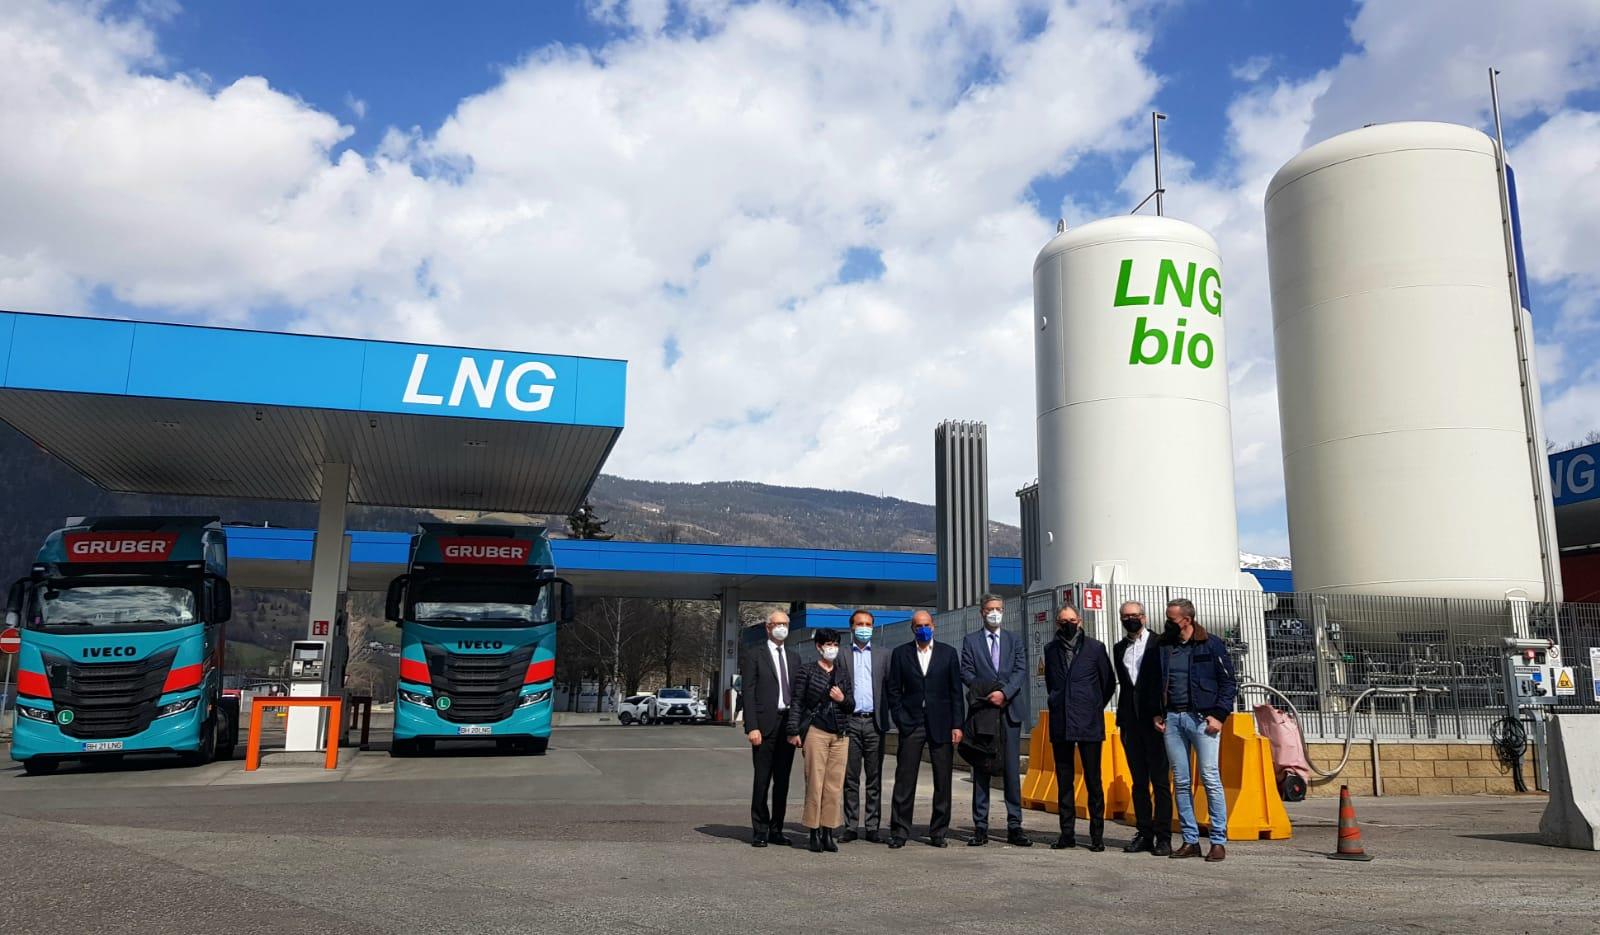 Nachhaltigkeit in der Mobilität: Brennerautobahn eröffnet erste Bioerdgastankstelle